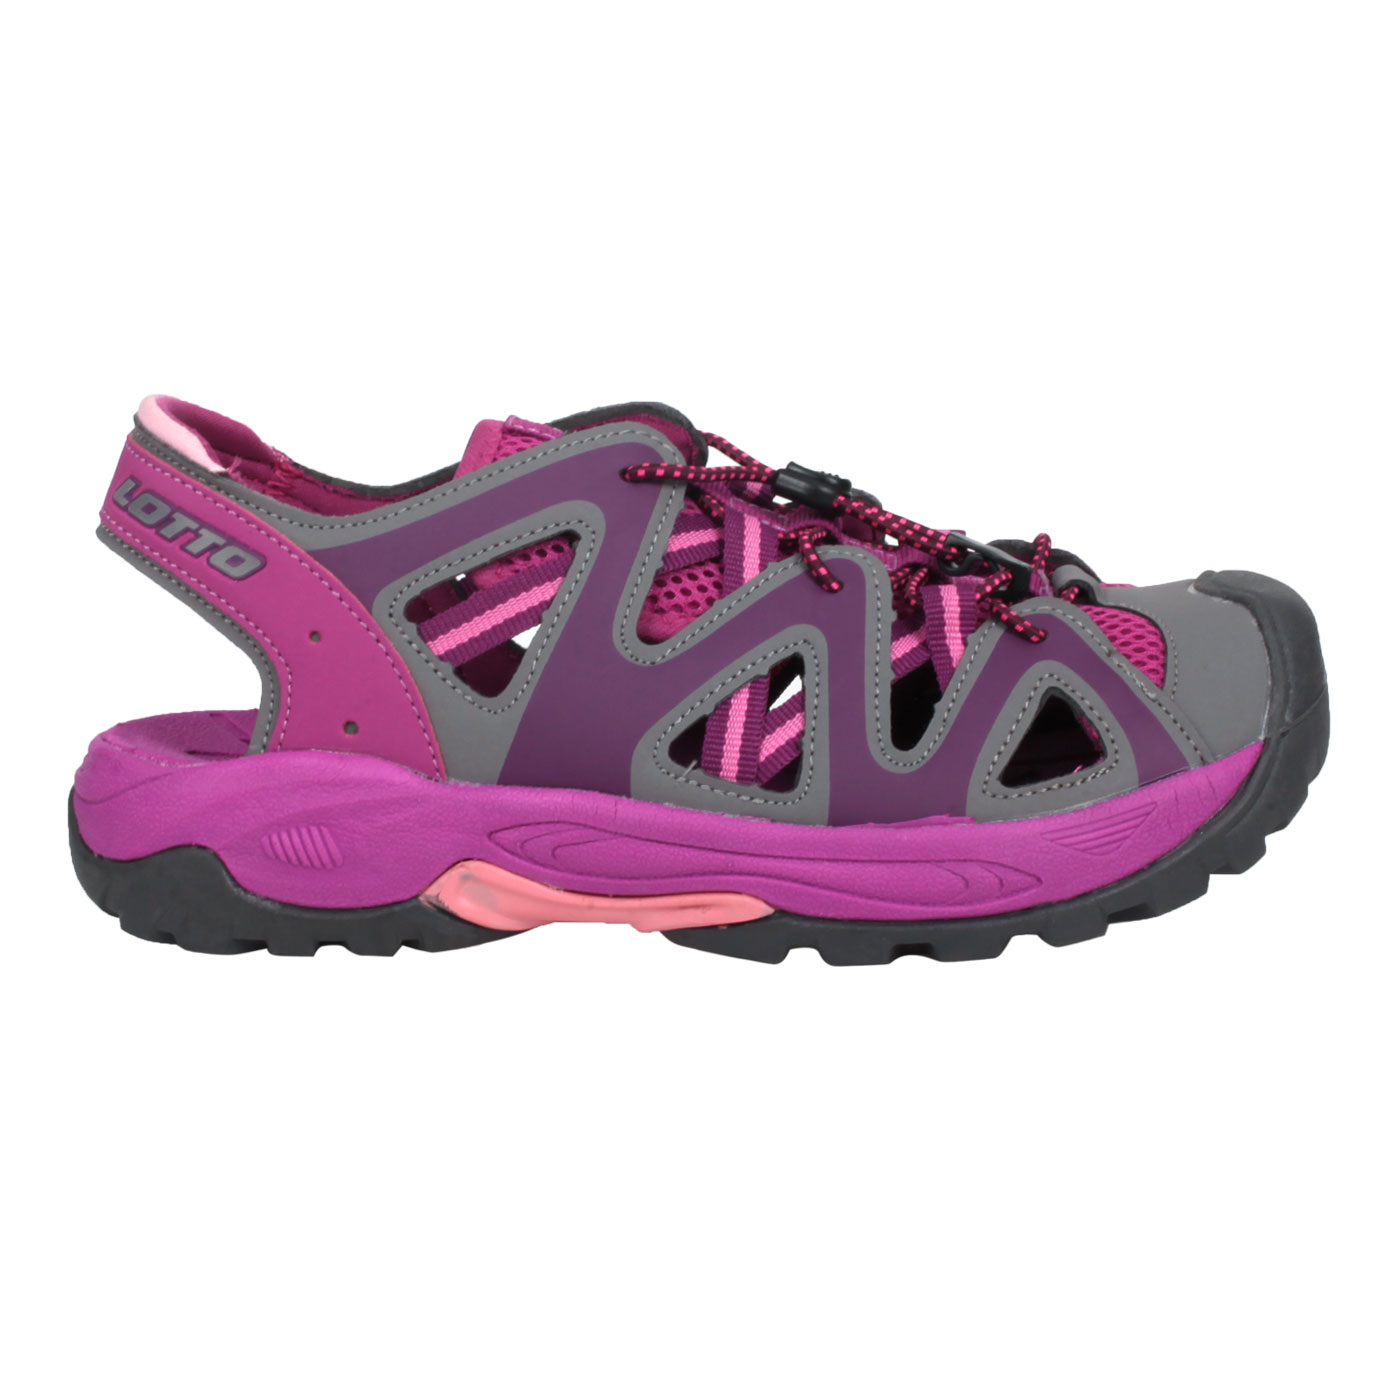 LOTTO 排水護趾涼鞋 LT1AWS3257